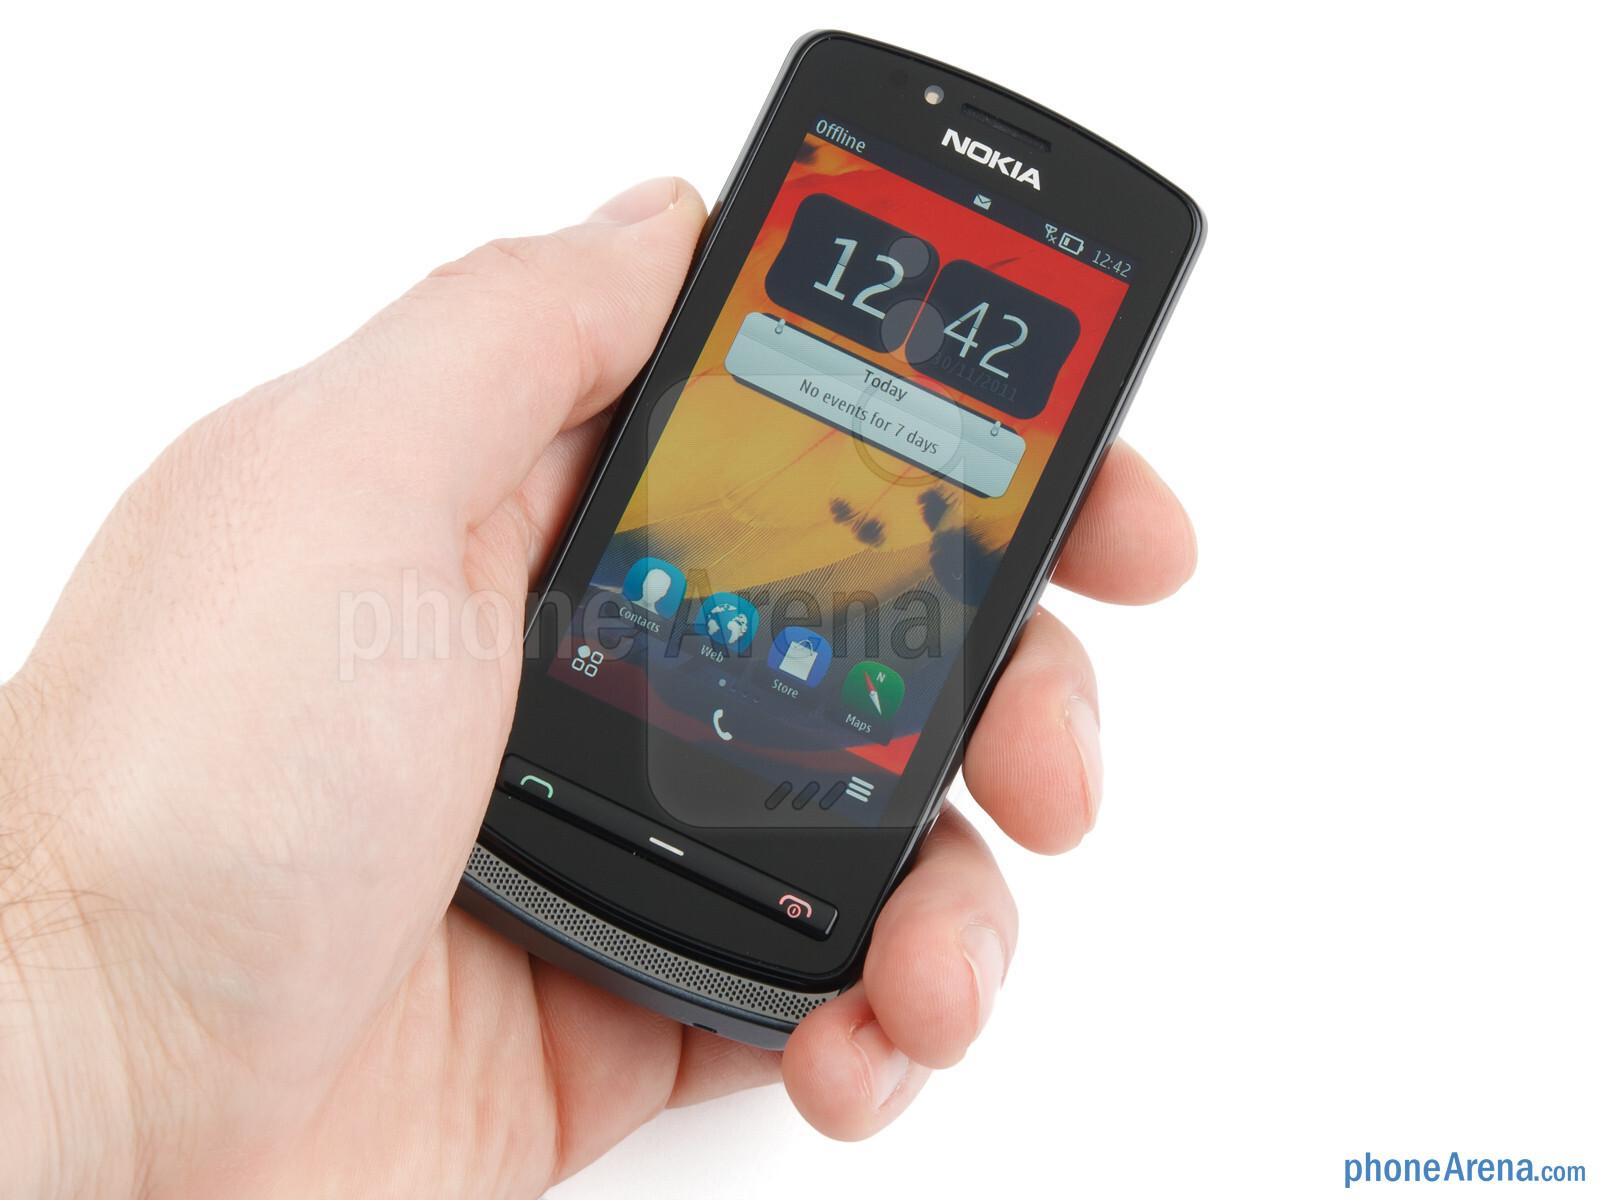 Nokia 700 Review - PhoneArena